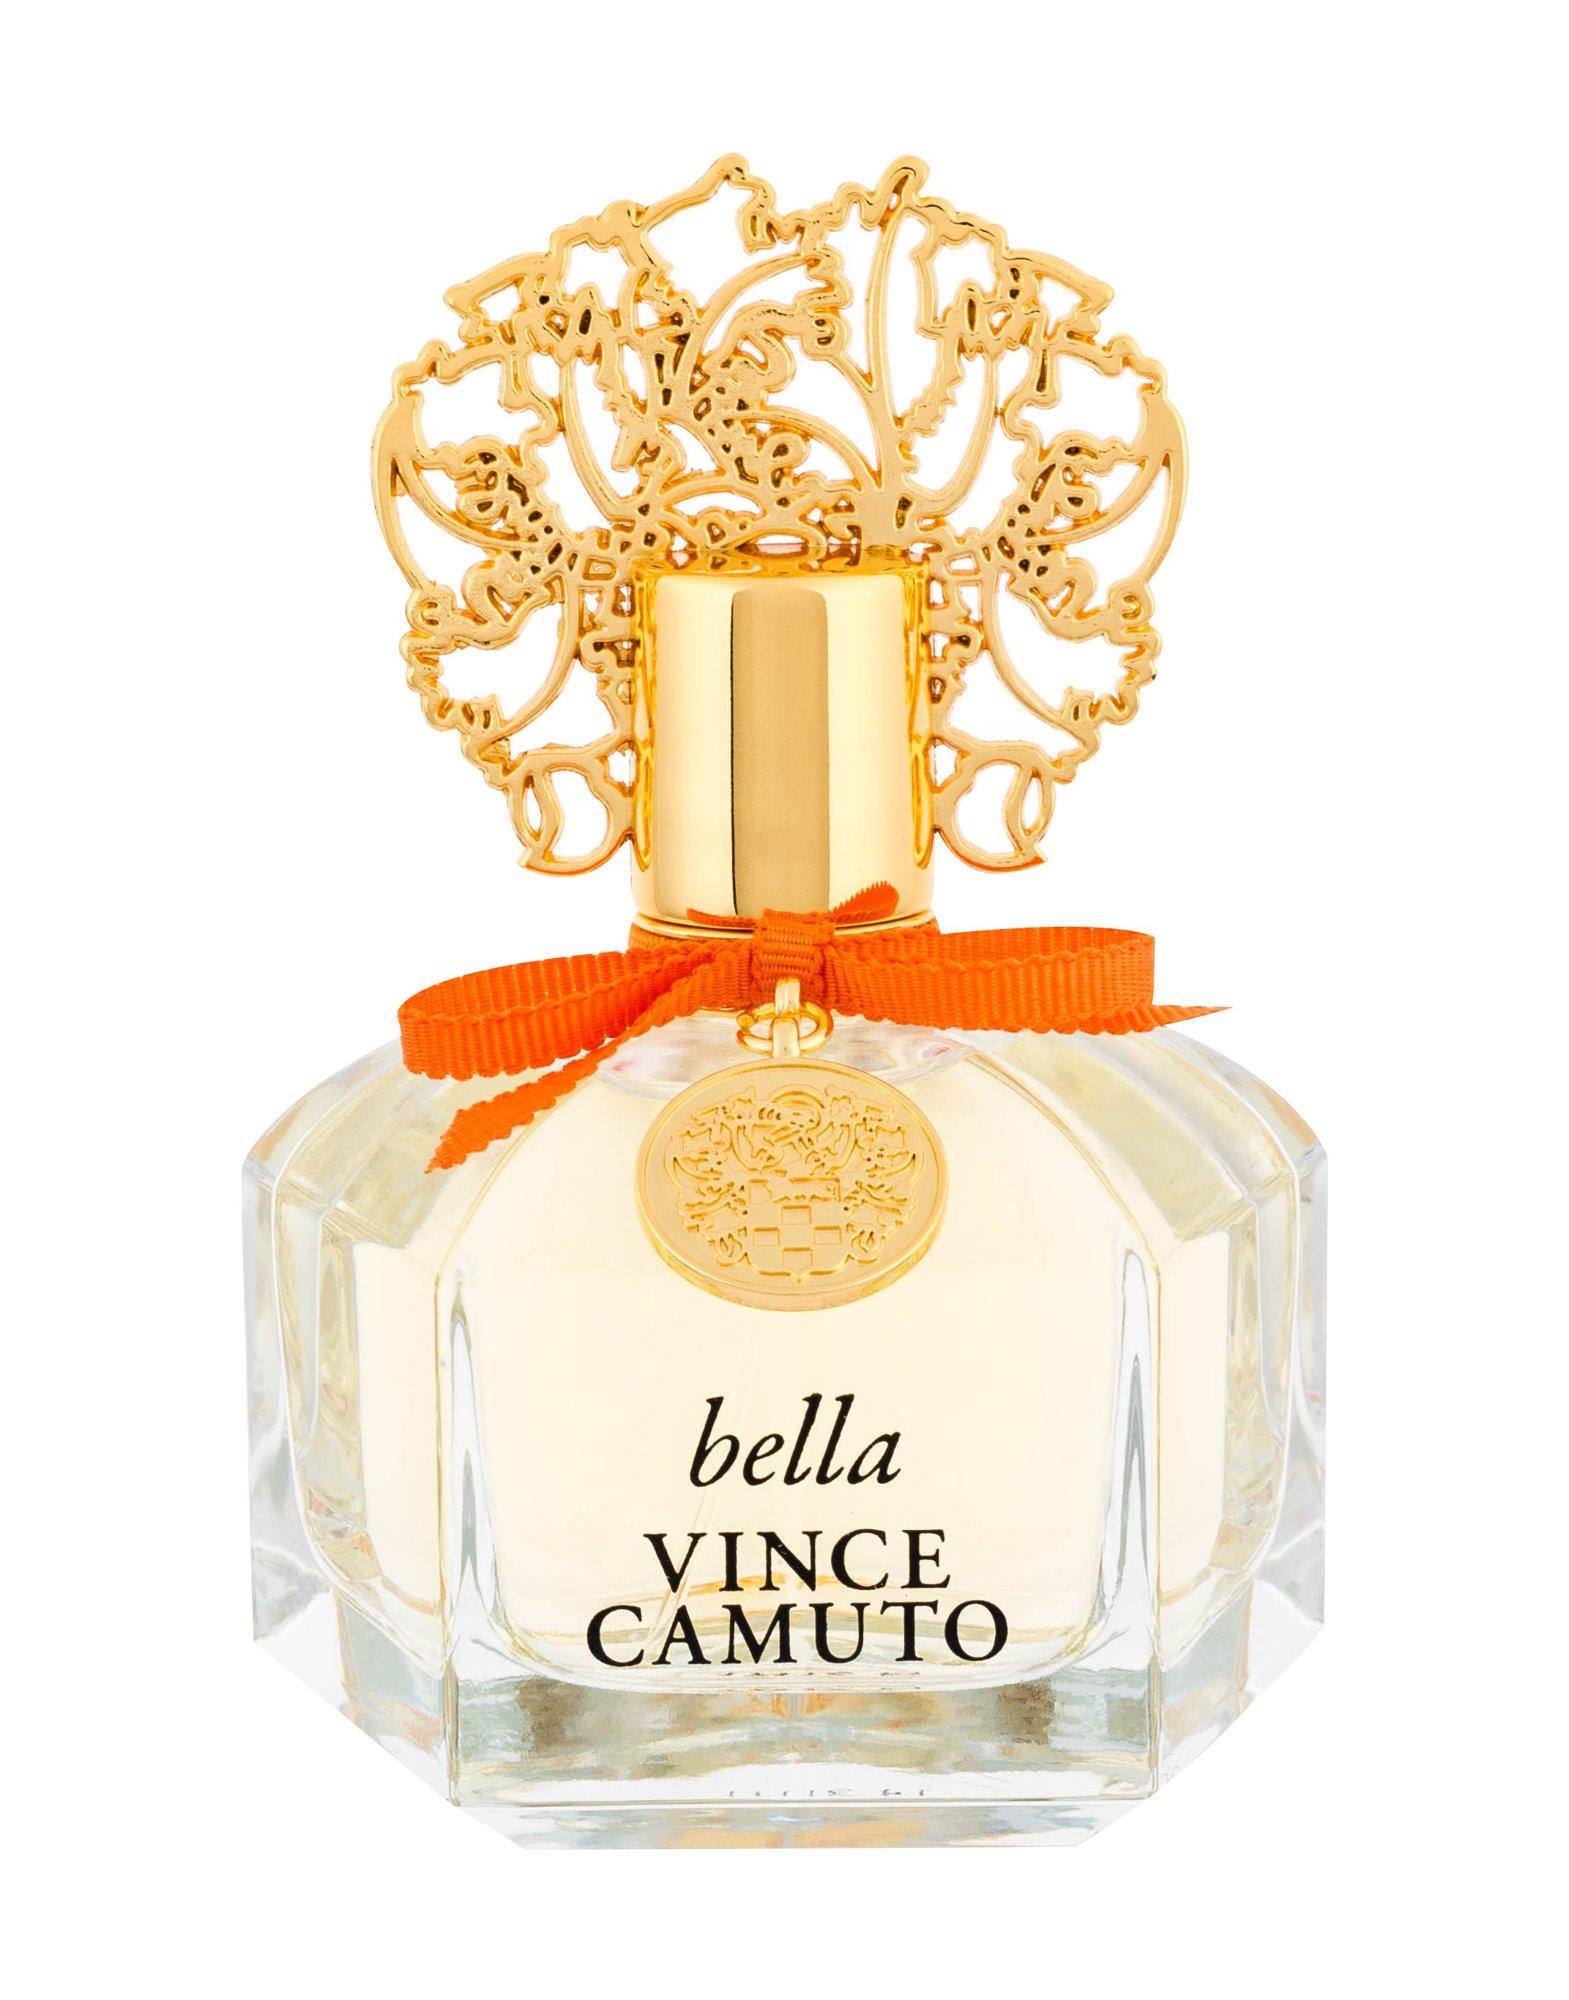 Vince Camuto Bella Eau de Parfum 100ml